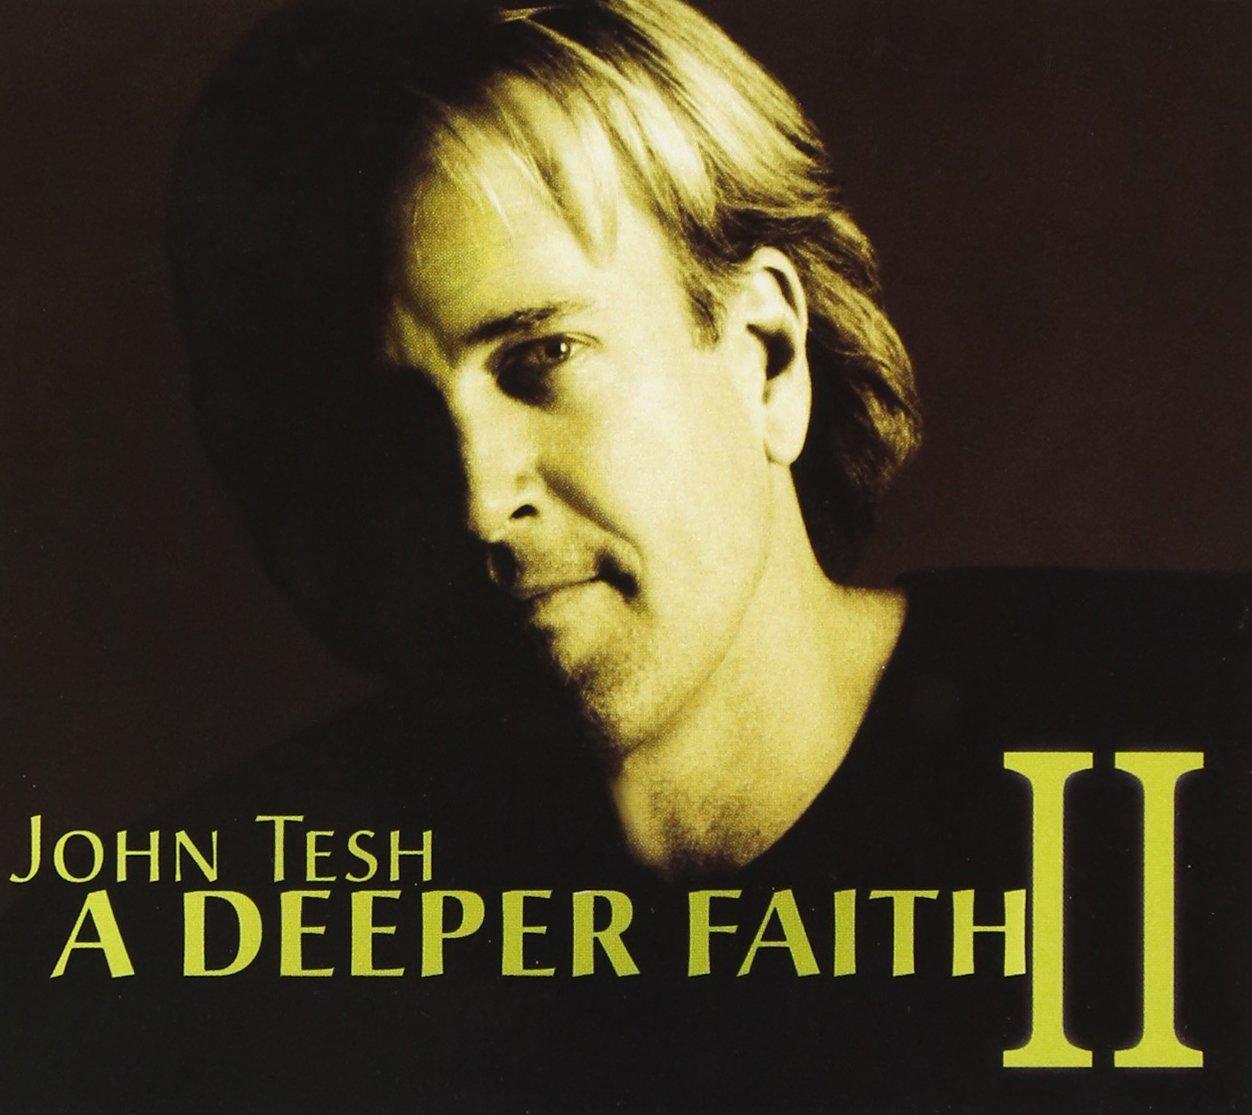 A Deeper Faith II